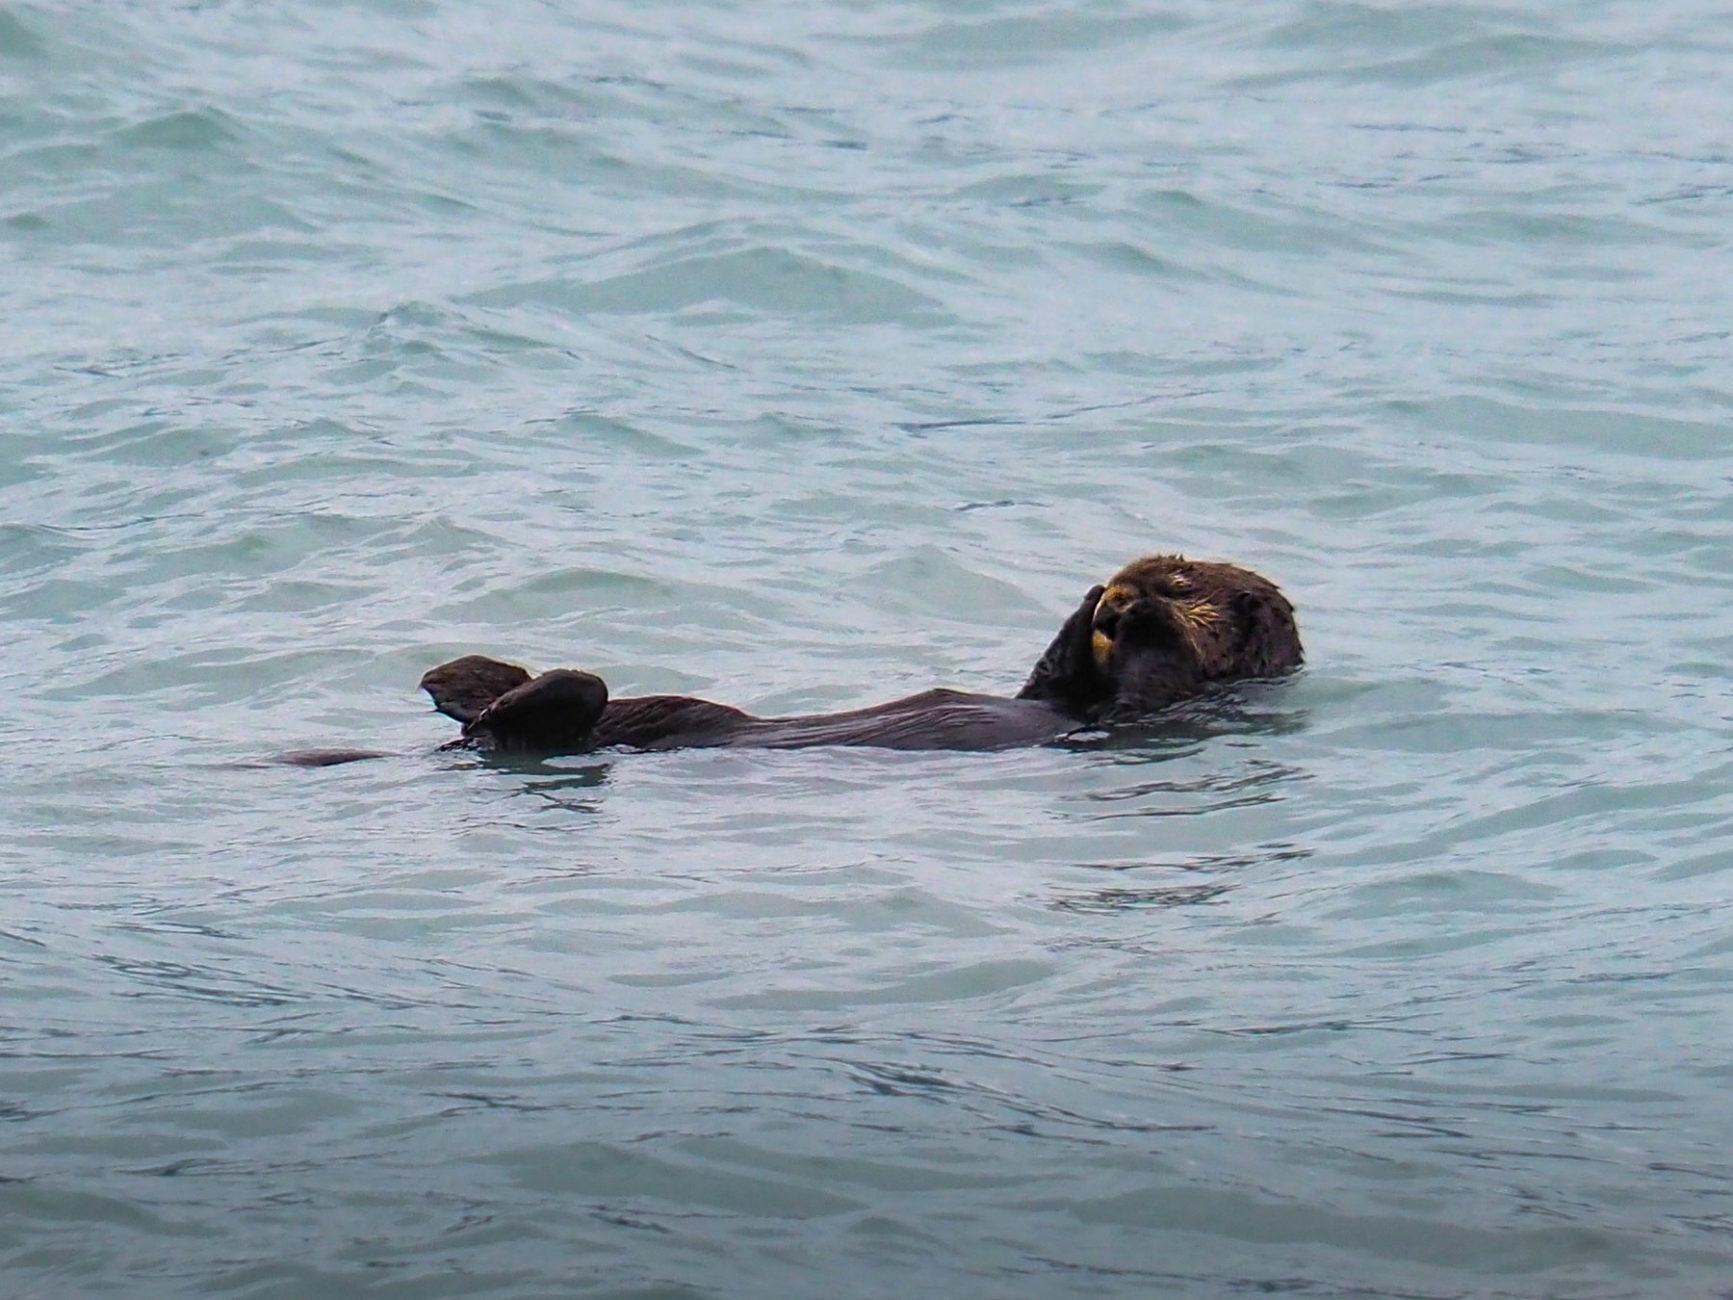 Seeotter, leider nur einen der netten Tierchen gesehen